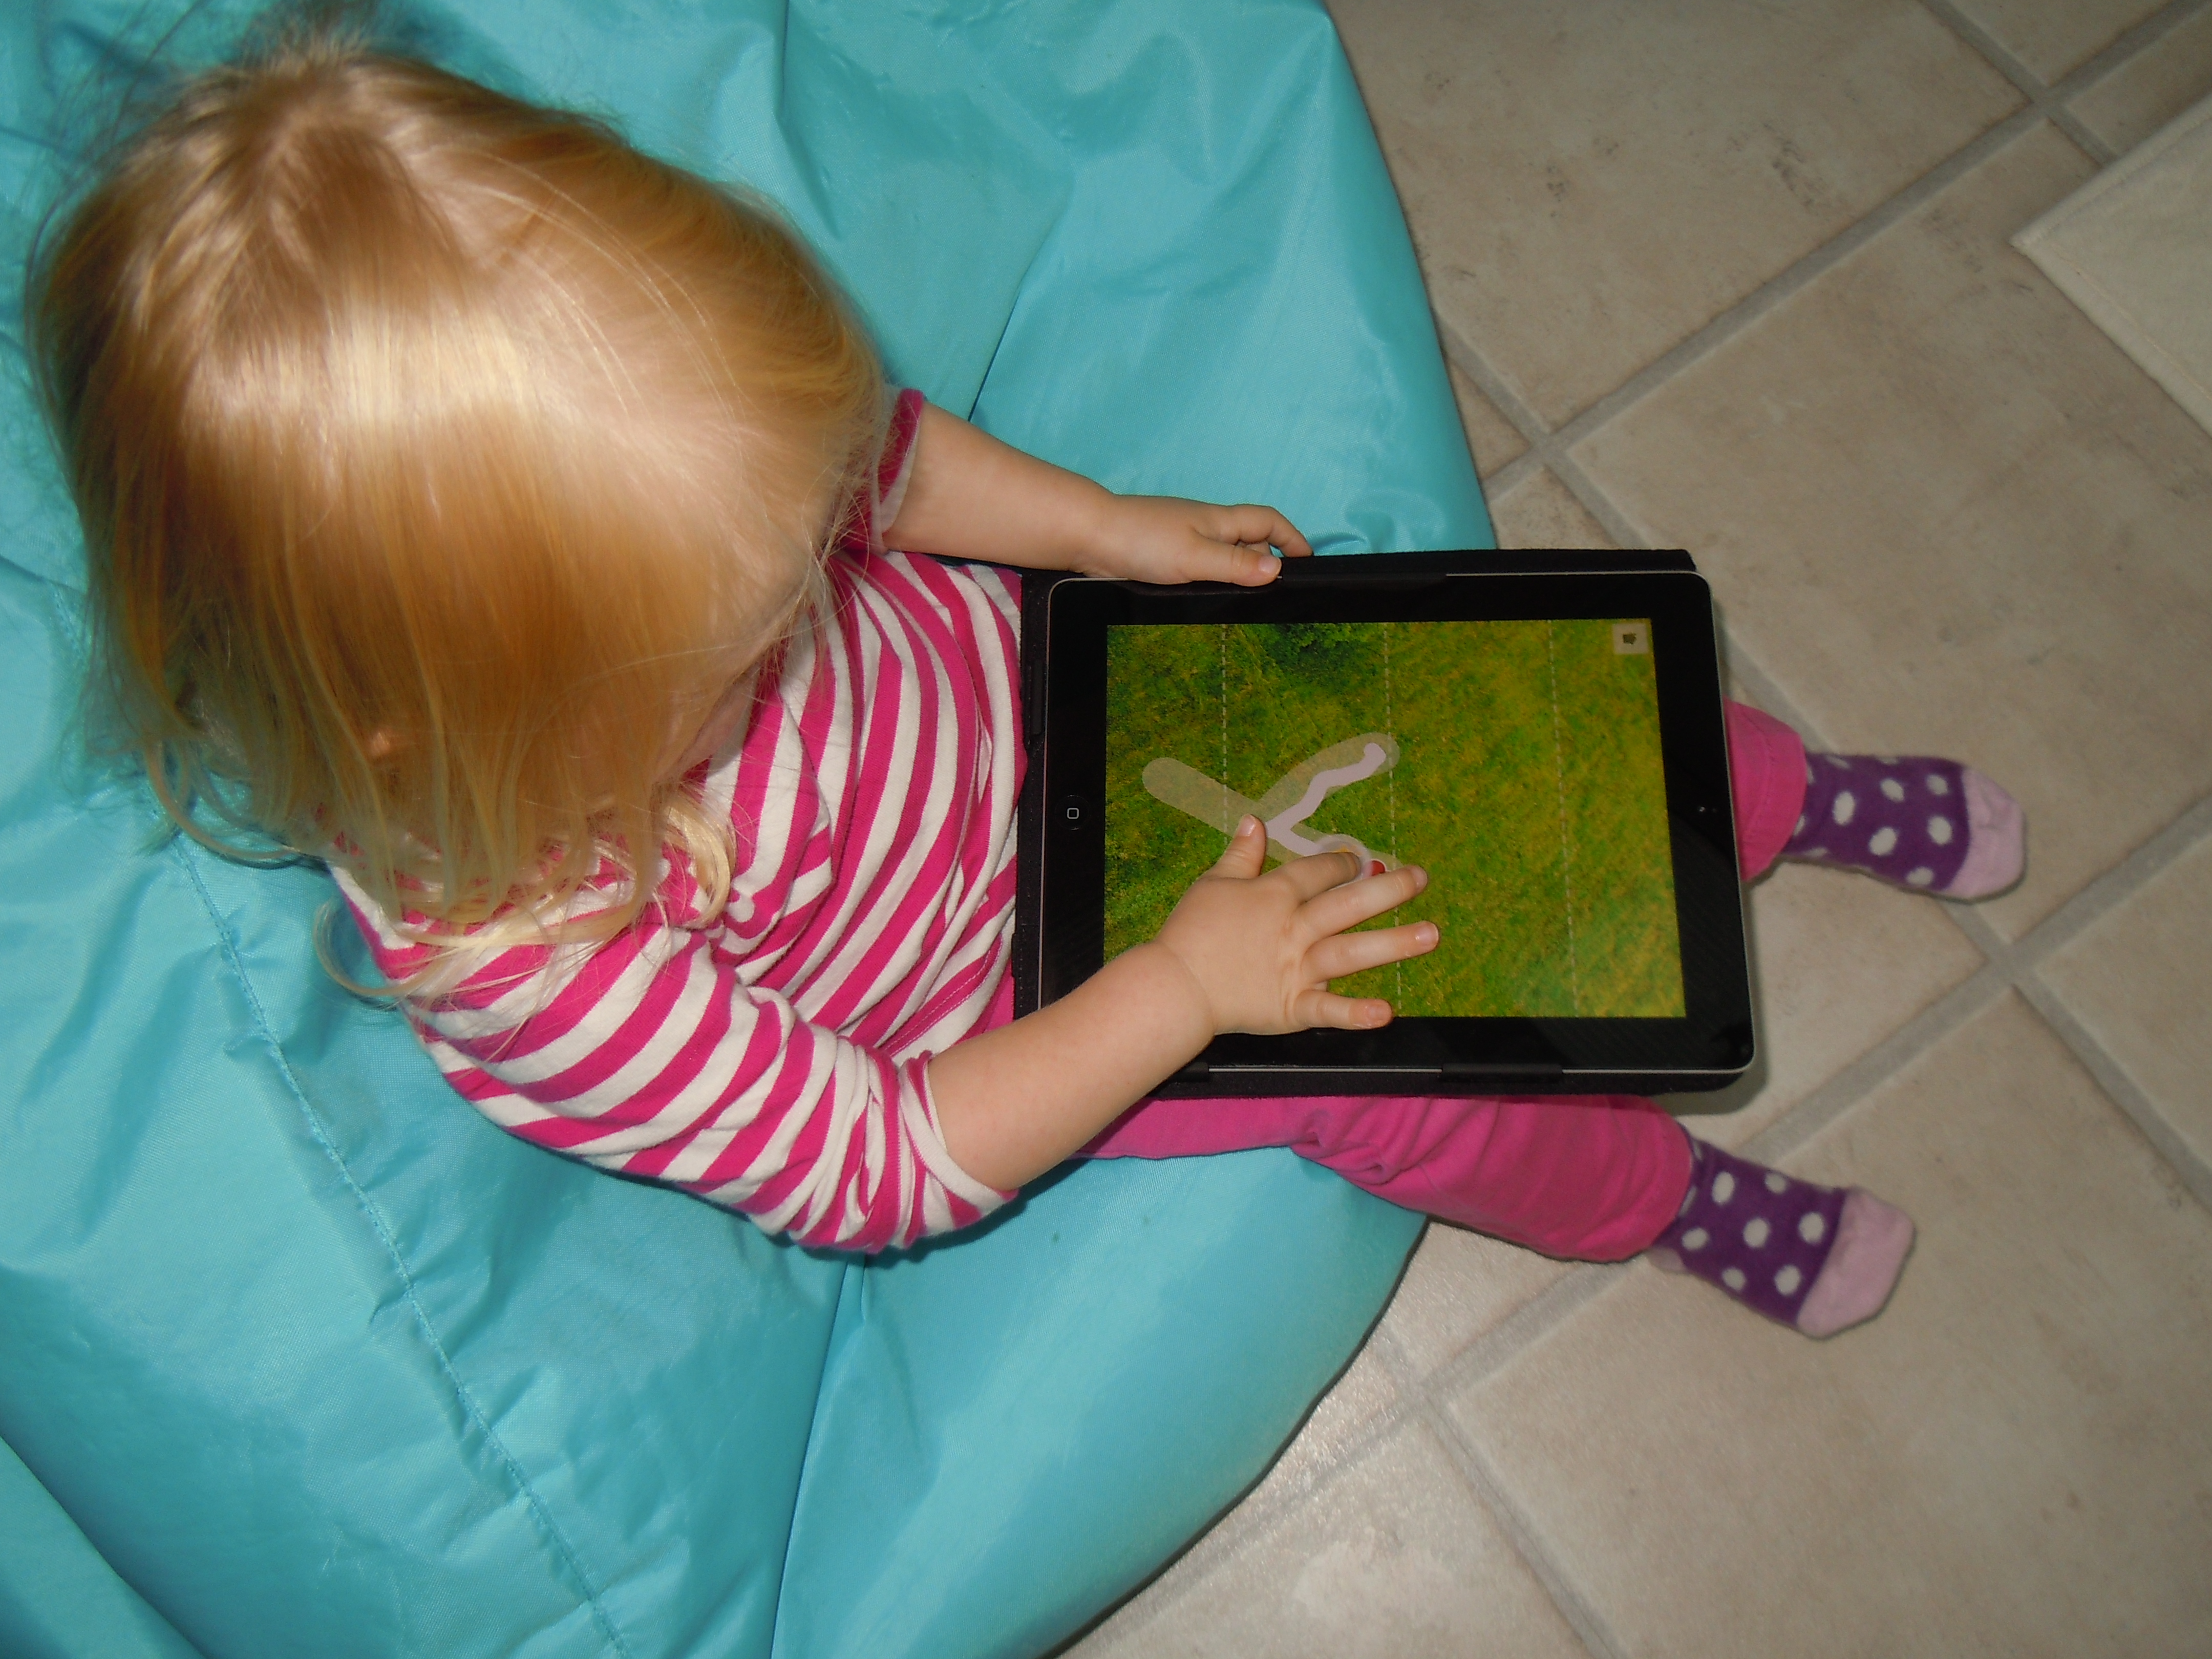 Ipad Technology